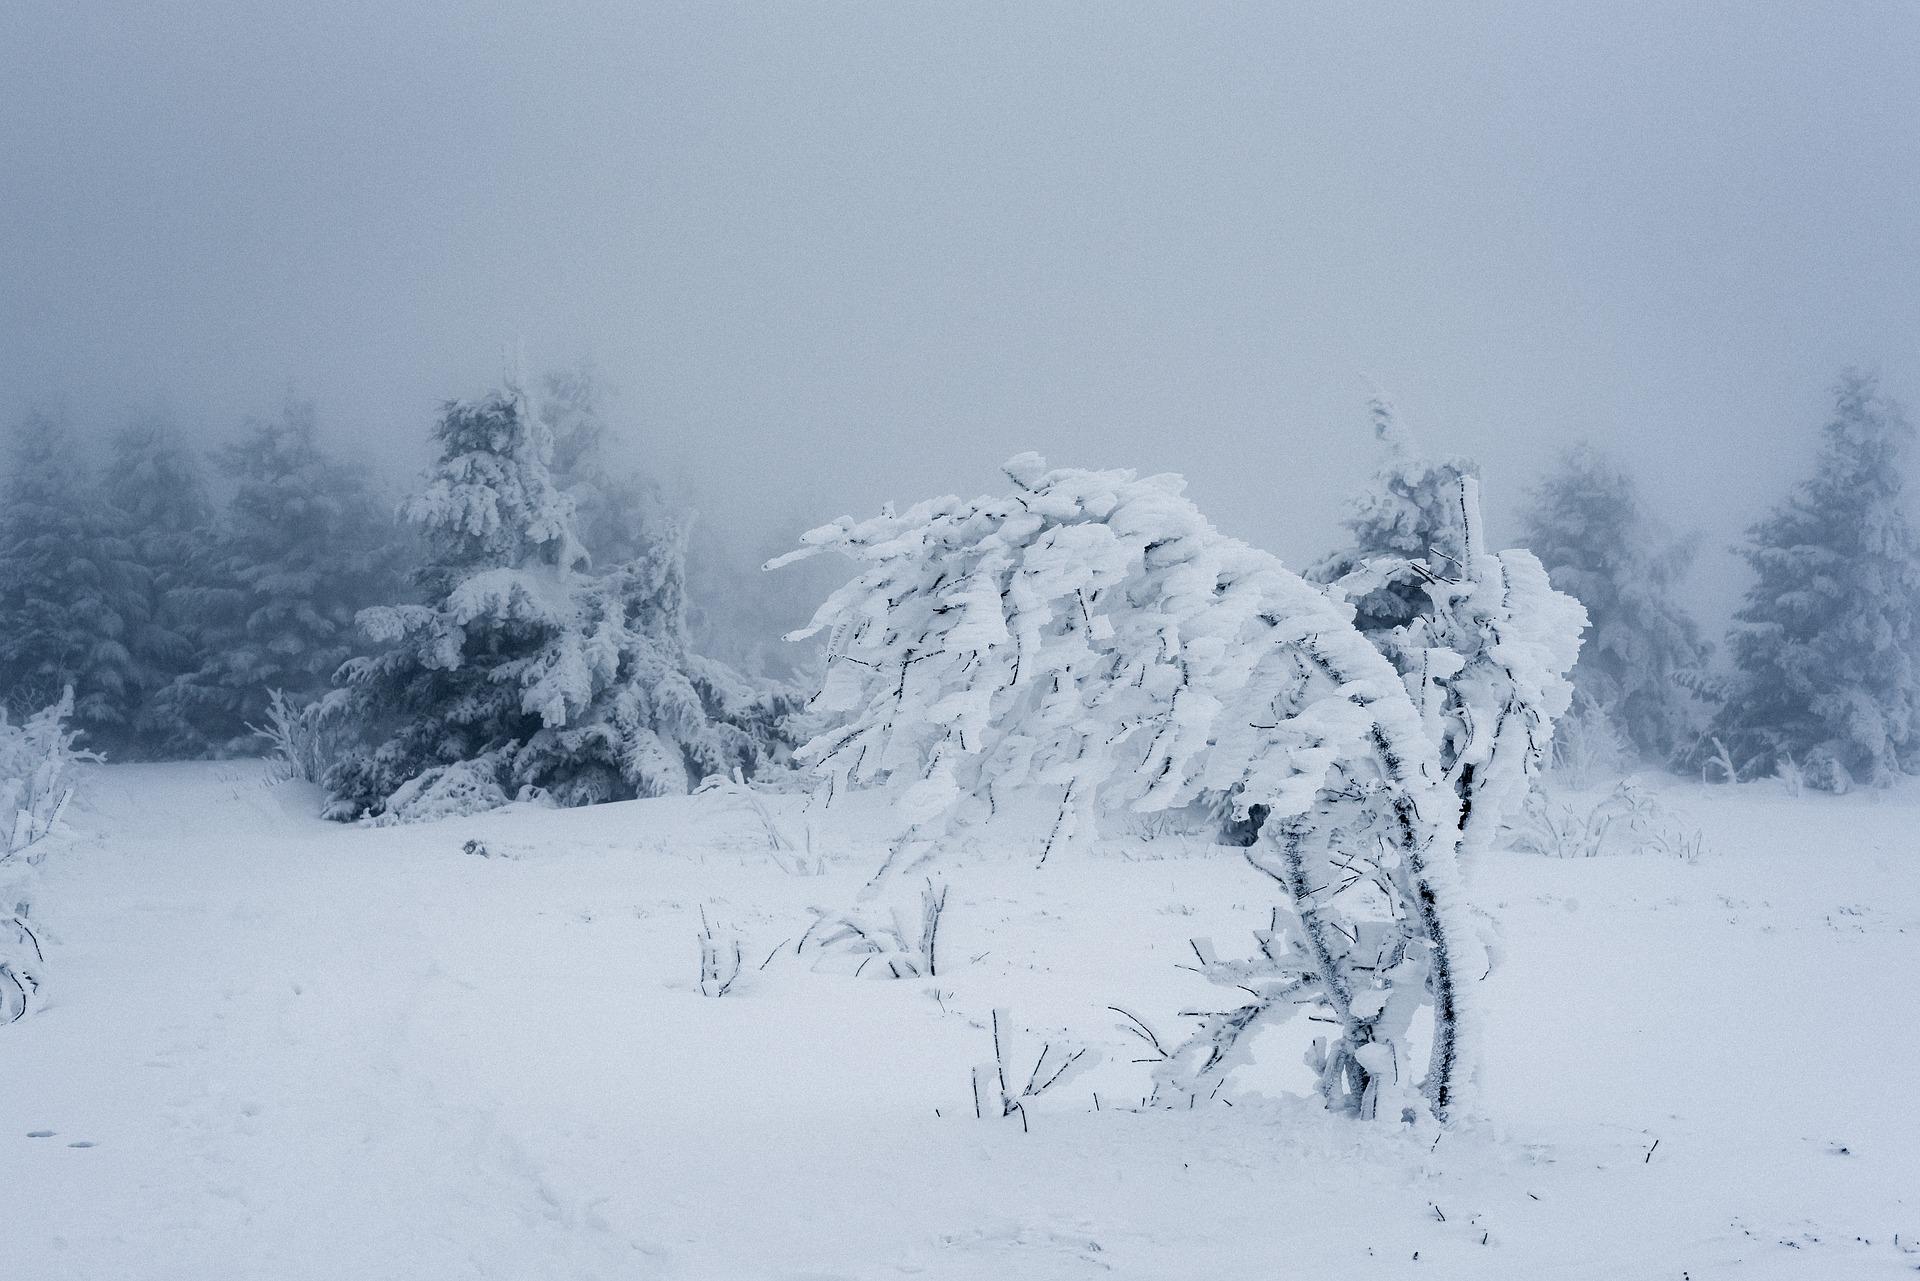 меньше картинки зимней метели вьюги пурги обои рабочий